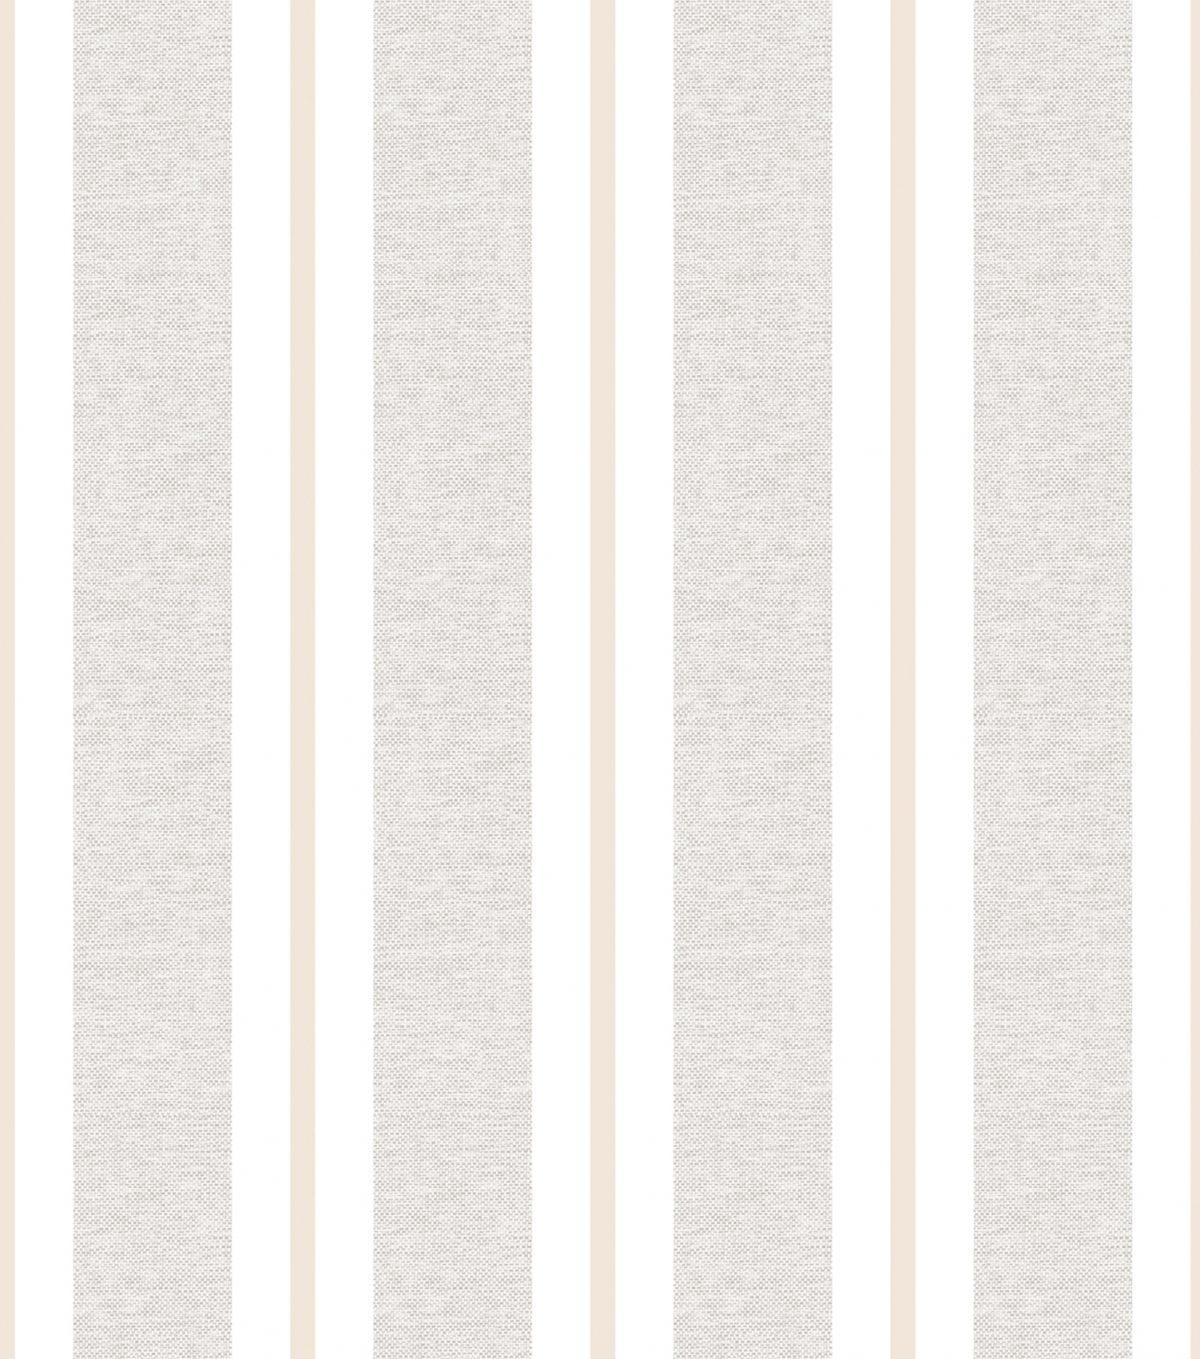 Papel de parede listra clássica vinílico Renascer